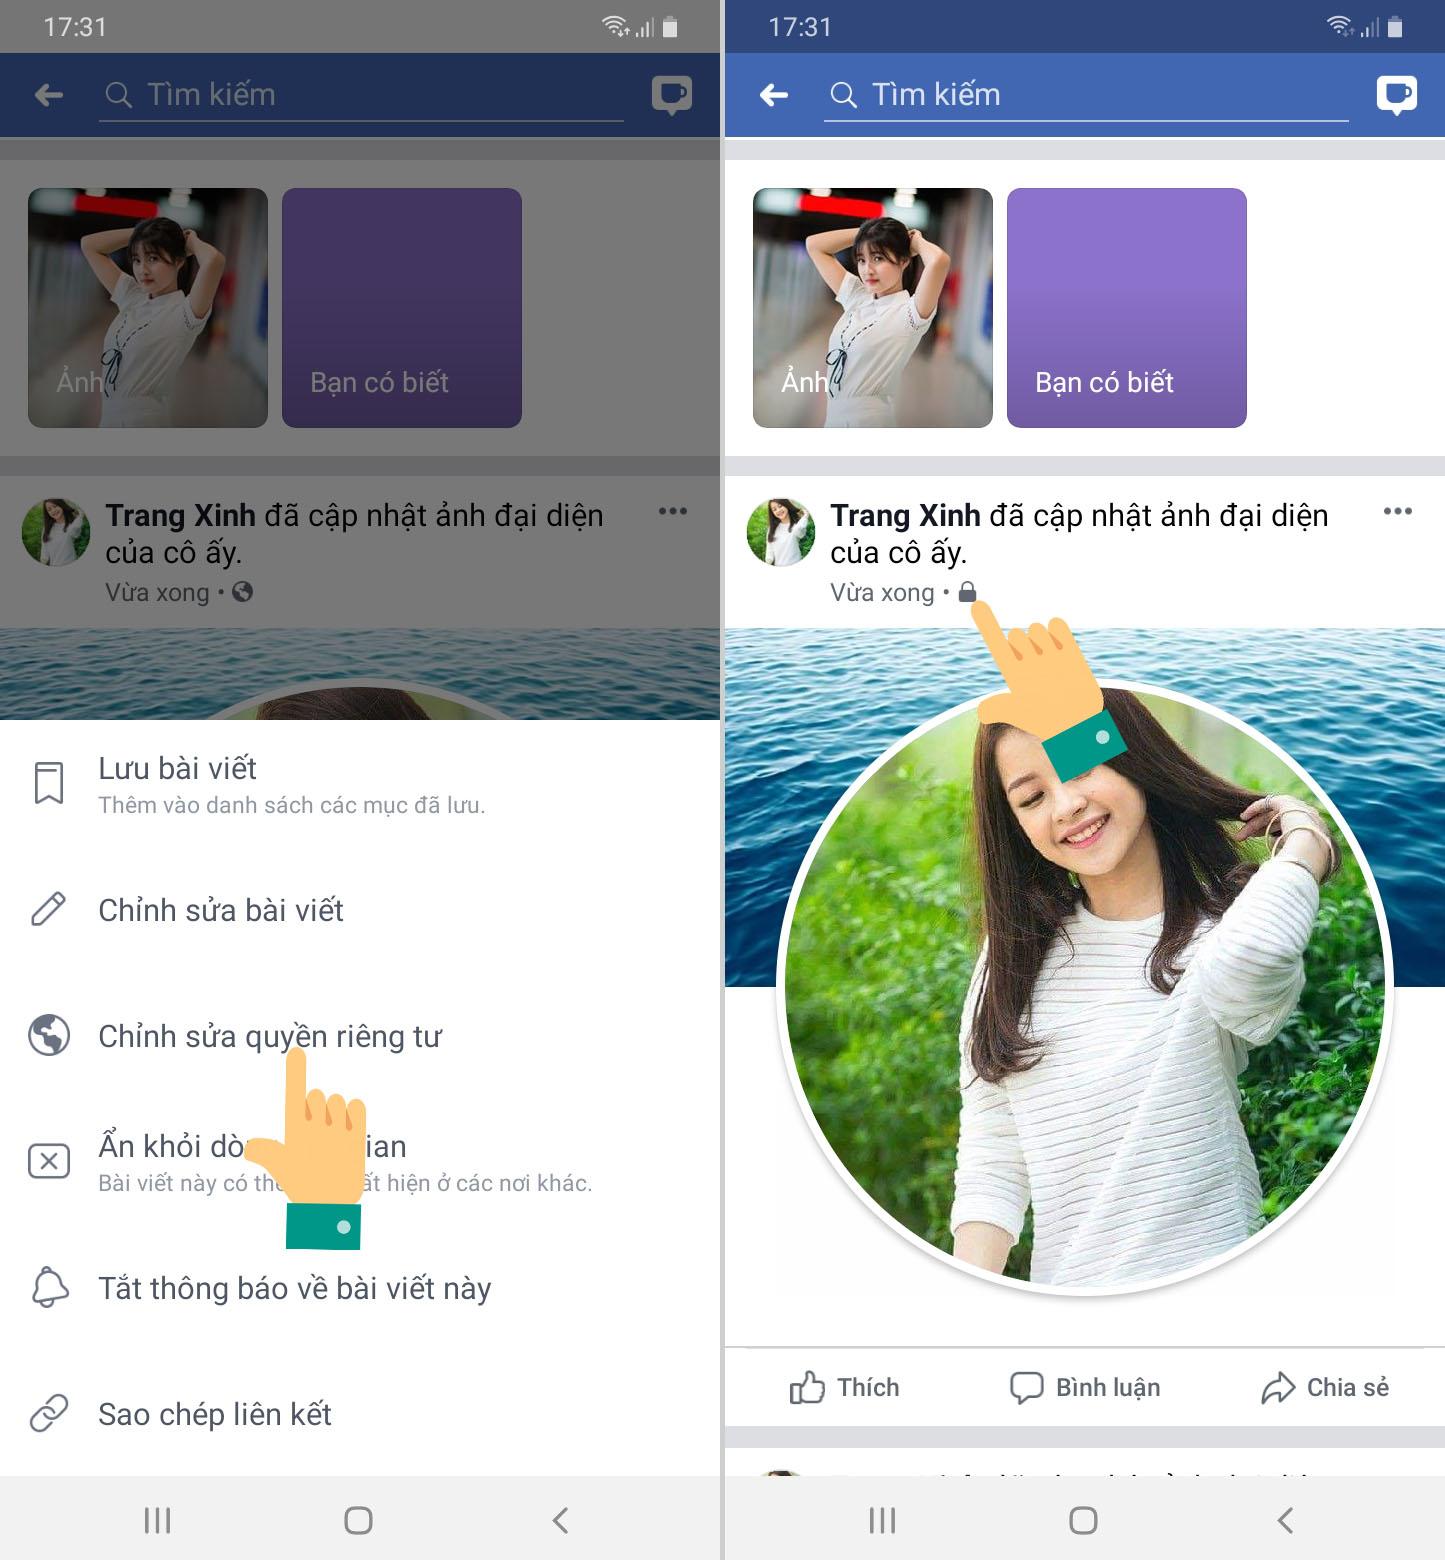 Cách khóa ảnh đại diện Facebook không cho người khác like, bình luận trên điện thoại